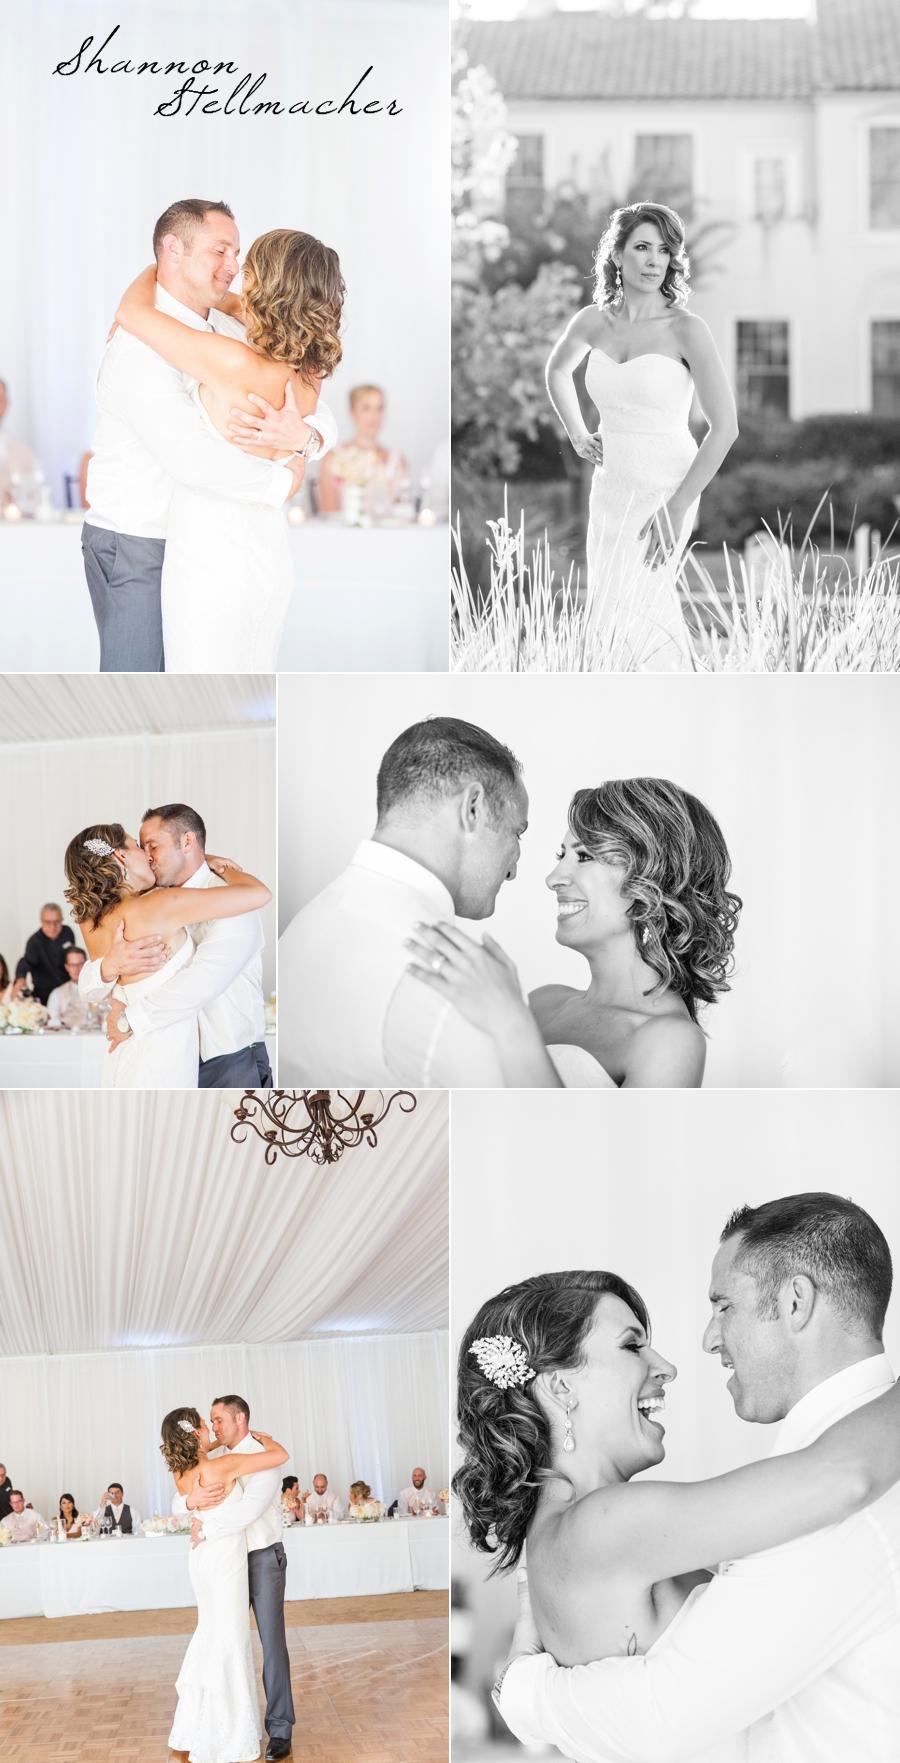 Fairmont Sonoma Wedding 1 3